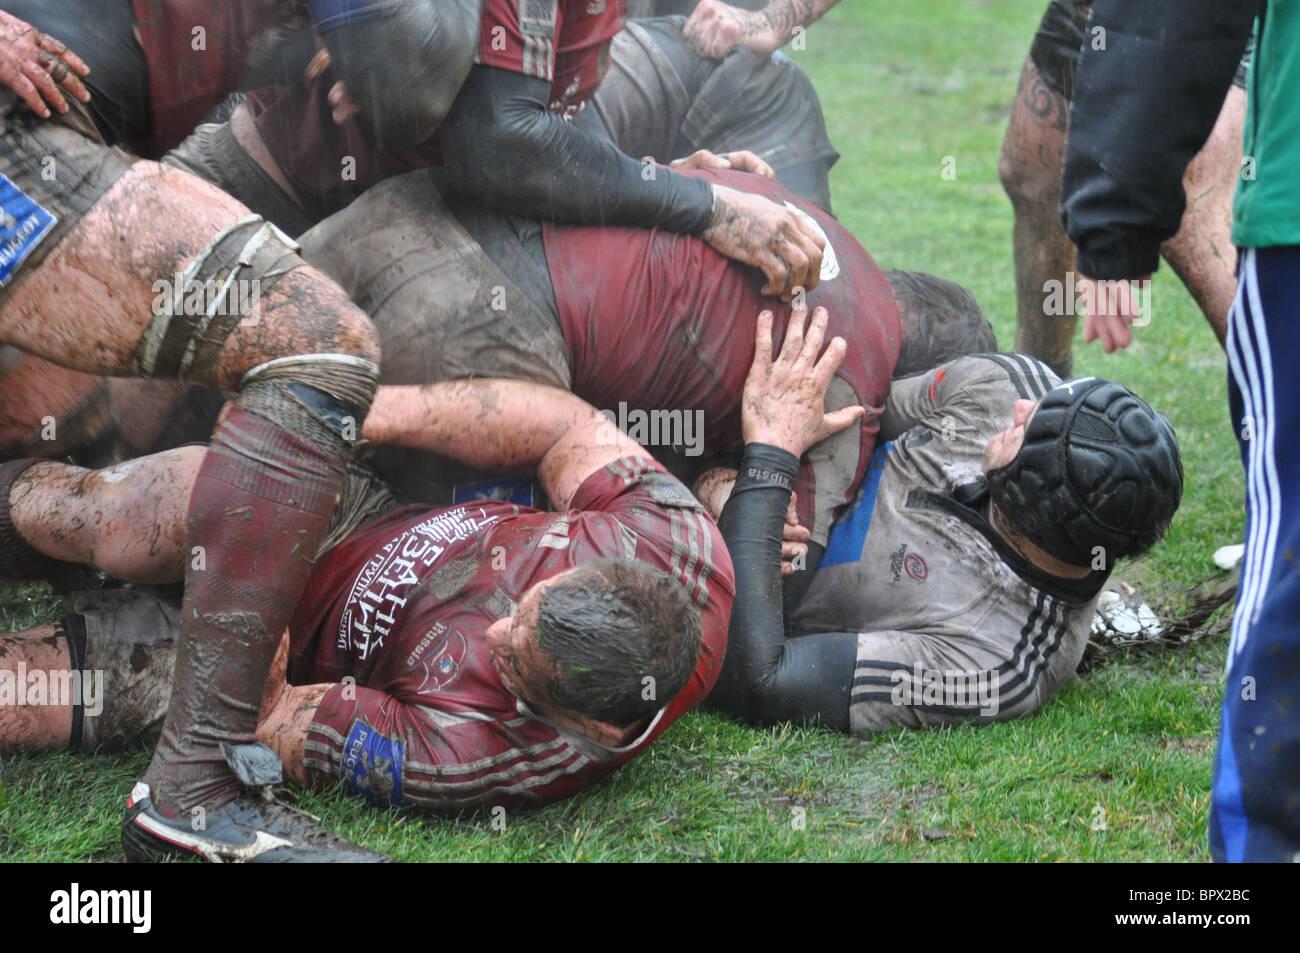 Le nazioni europee Cup partita di rugby: Russia 14 - 10 Portogallo Immagini Stock